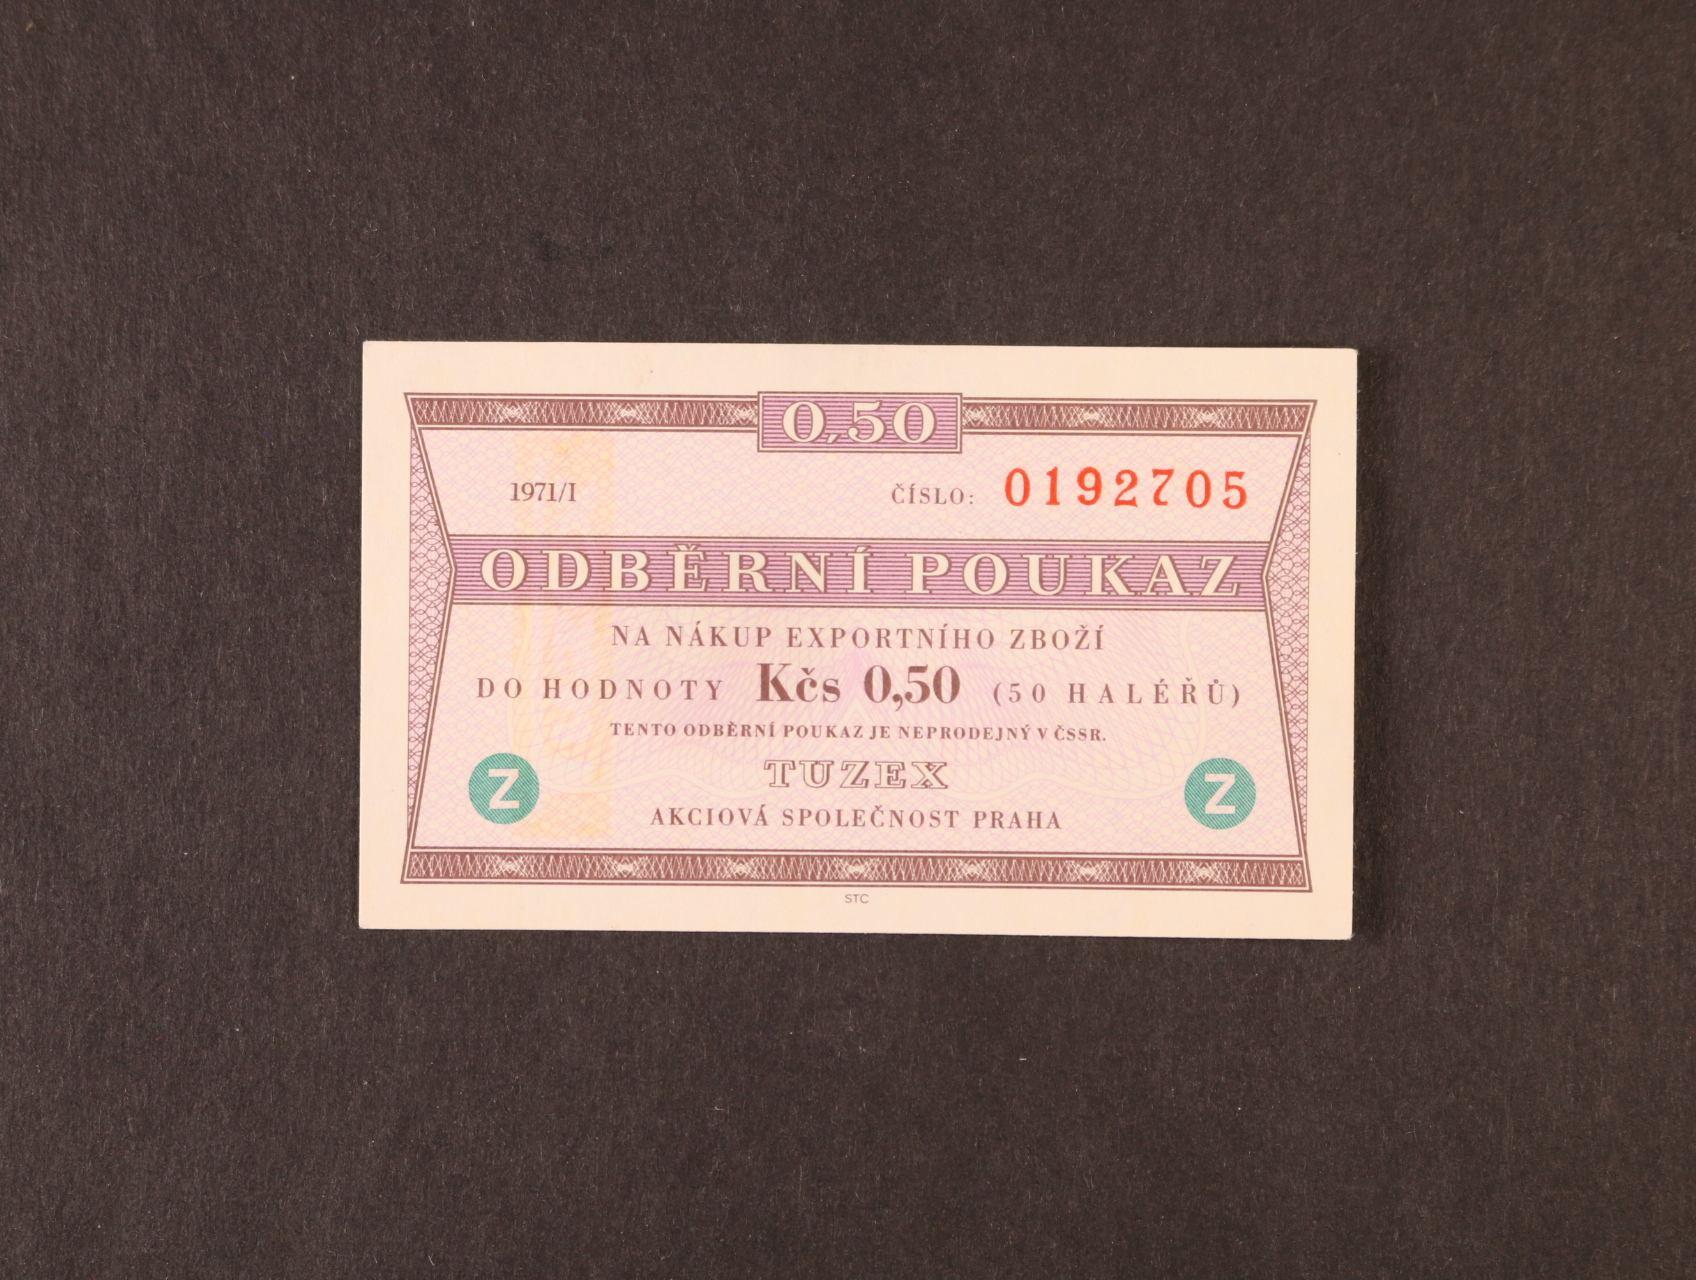 Tuzex, 0,50 TKčs s datem 1971/I